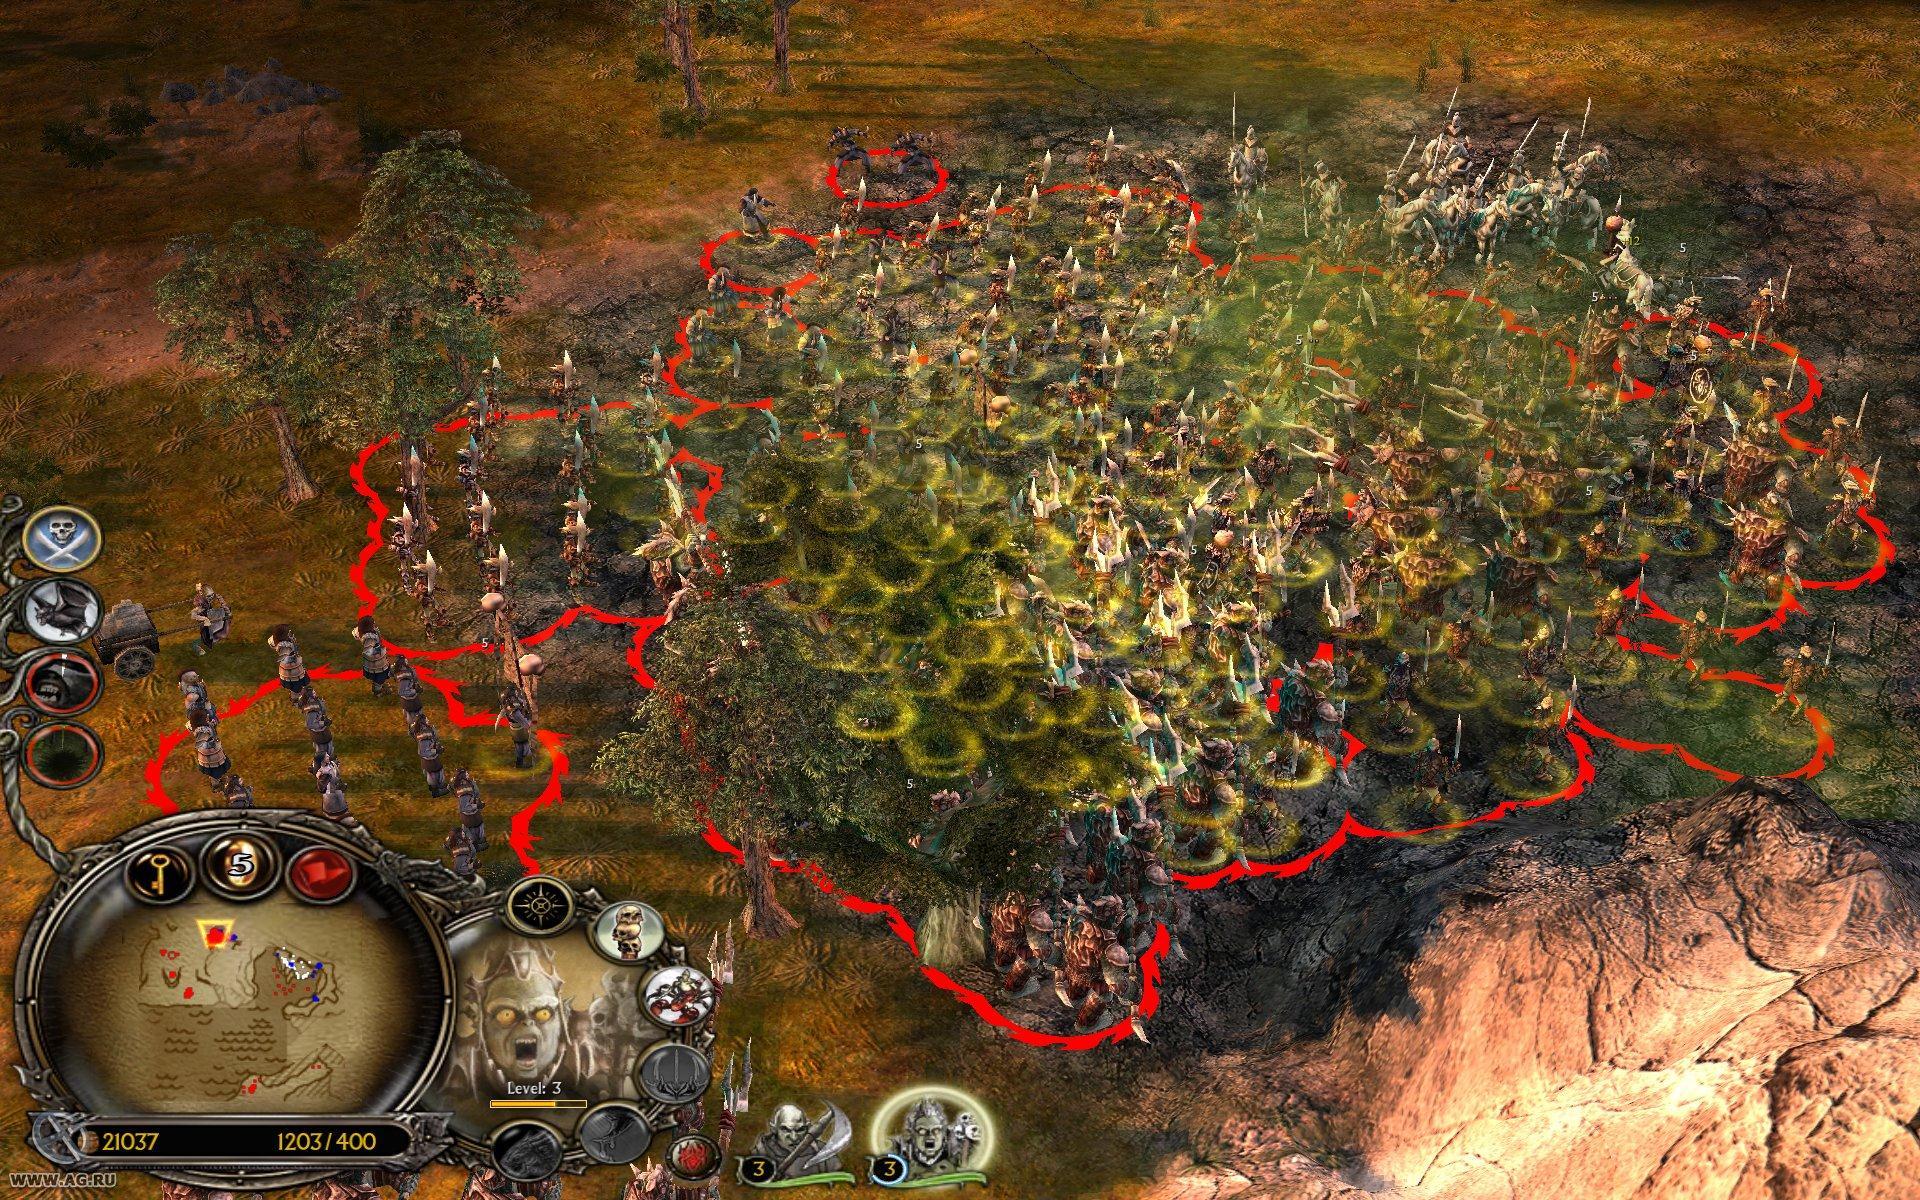 властелин колец битва за средиземье 2 скачать с торрента